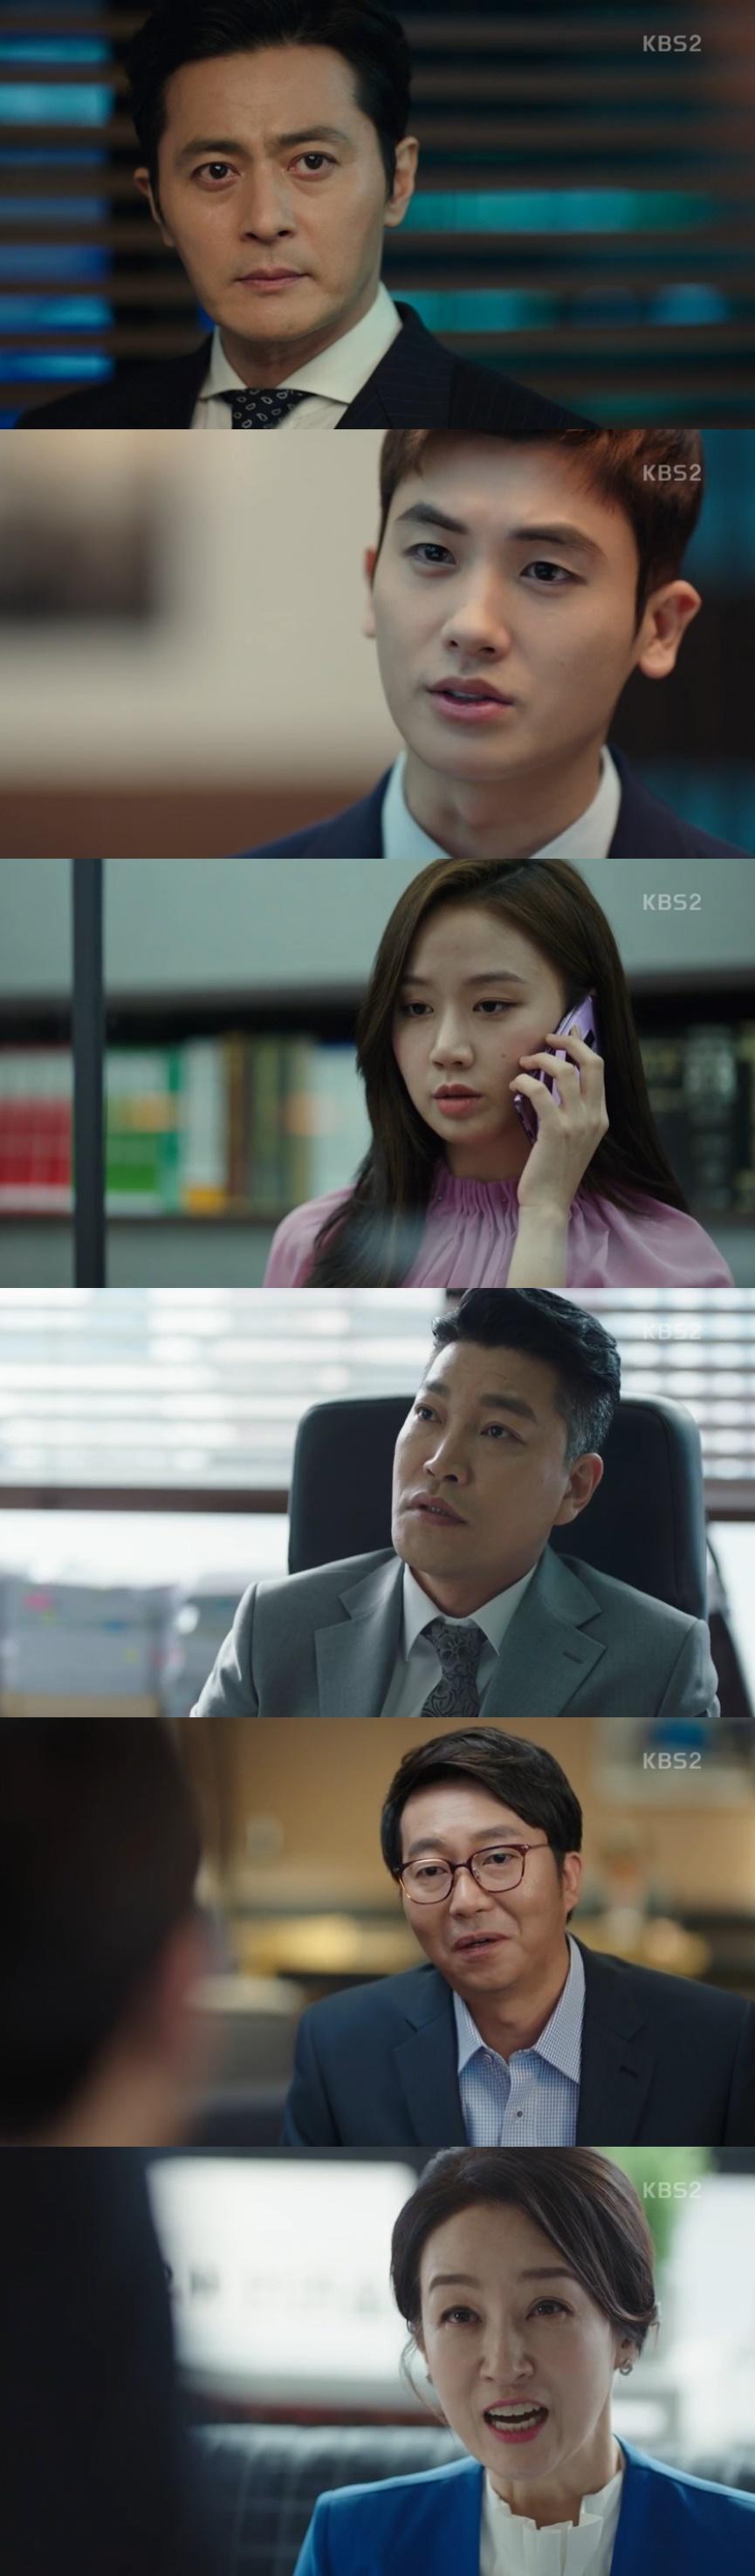 [종합] '슈츠' 박형식, 가짜 변호사 들통 vs 장동건 흑역사 잡았다 '긴장감↑'